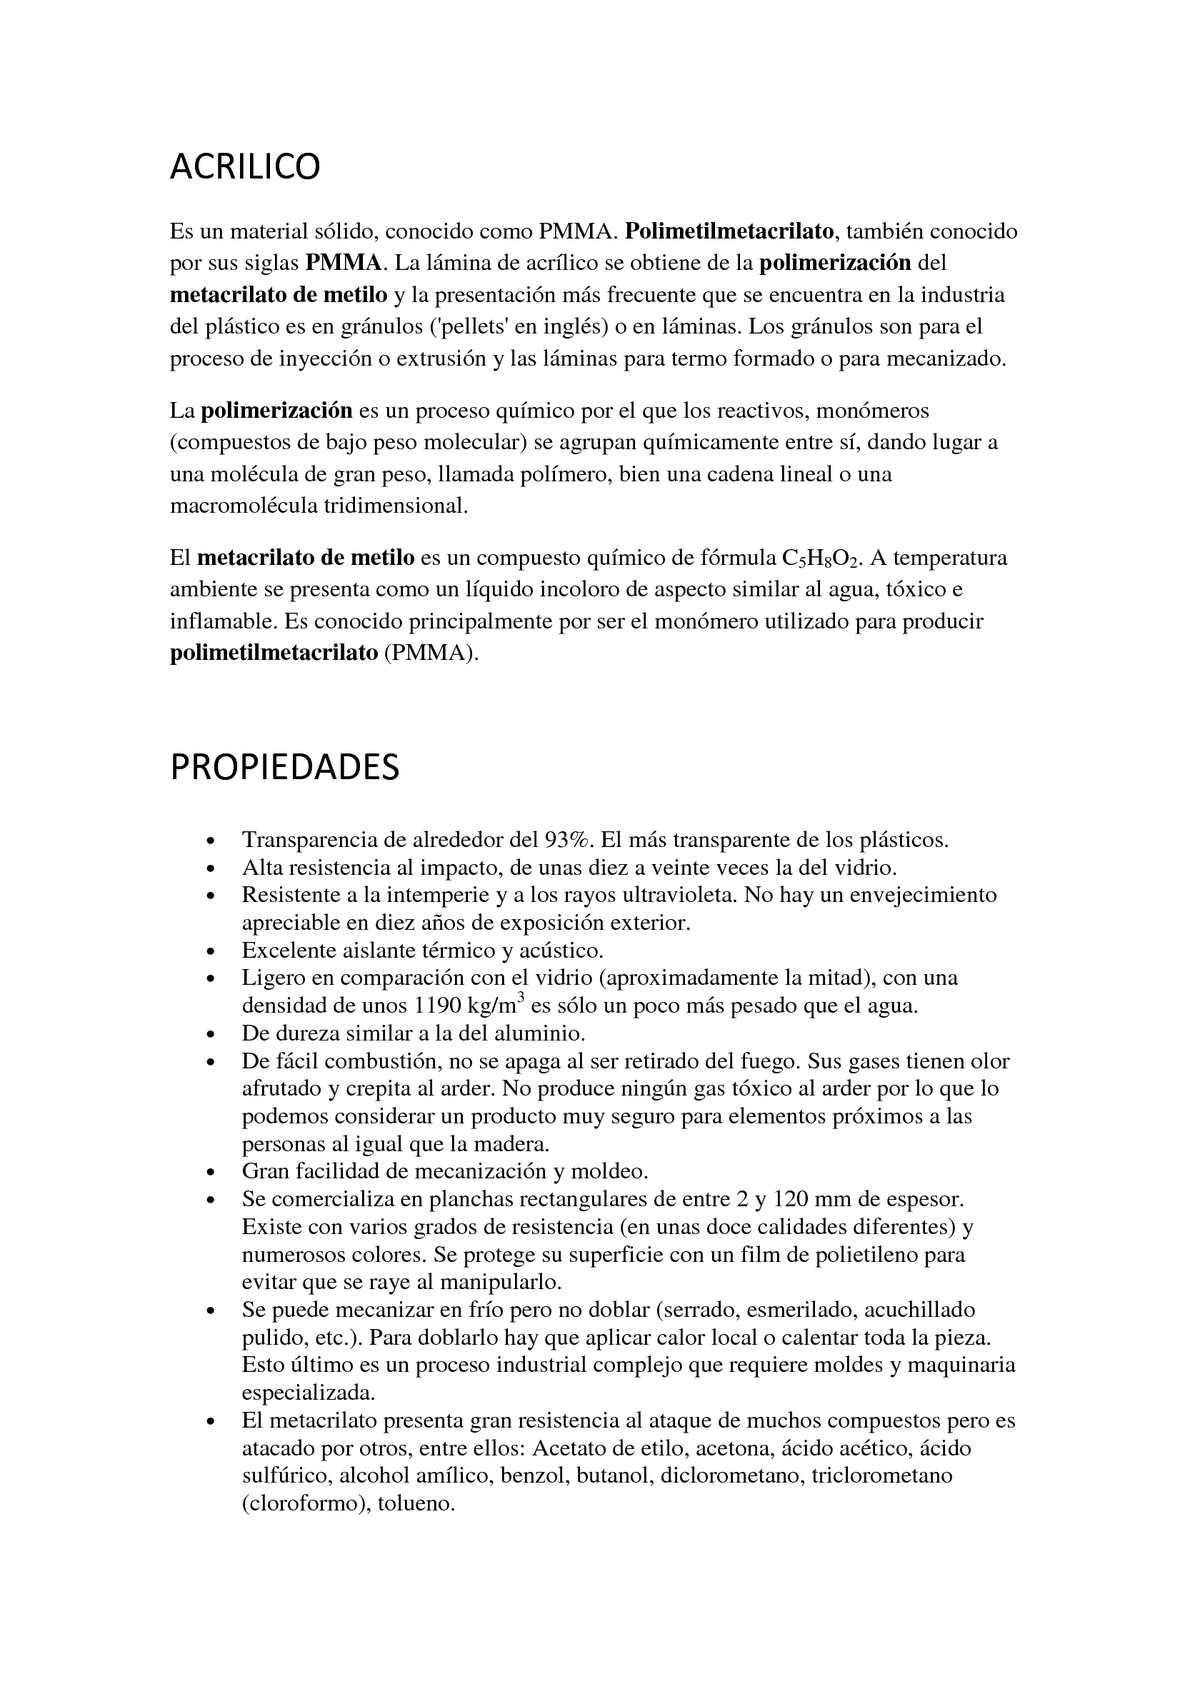 Calaméo - Acrílico